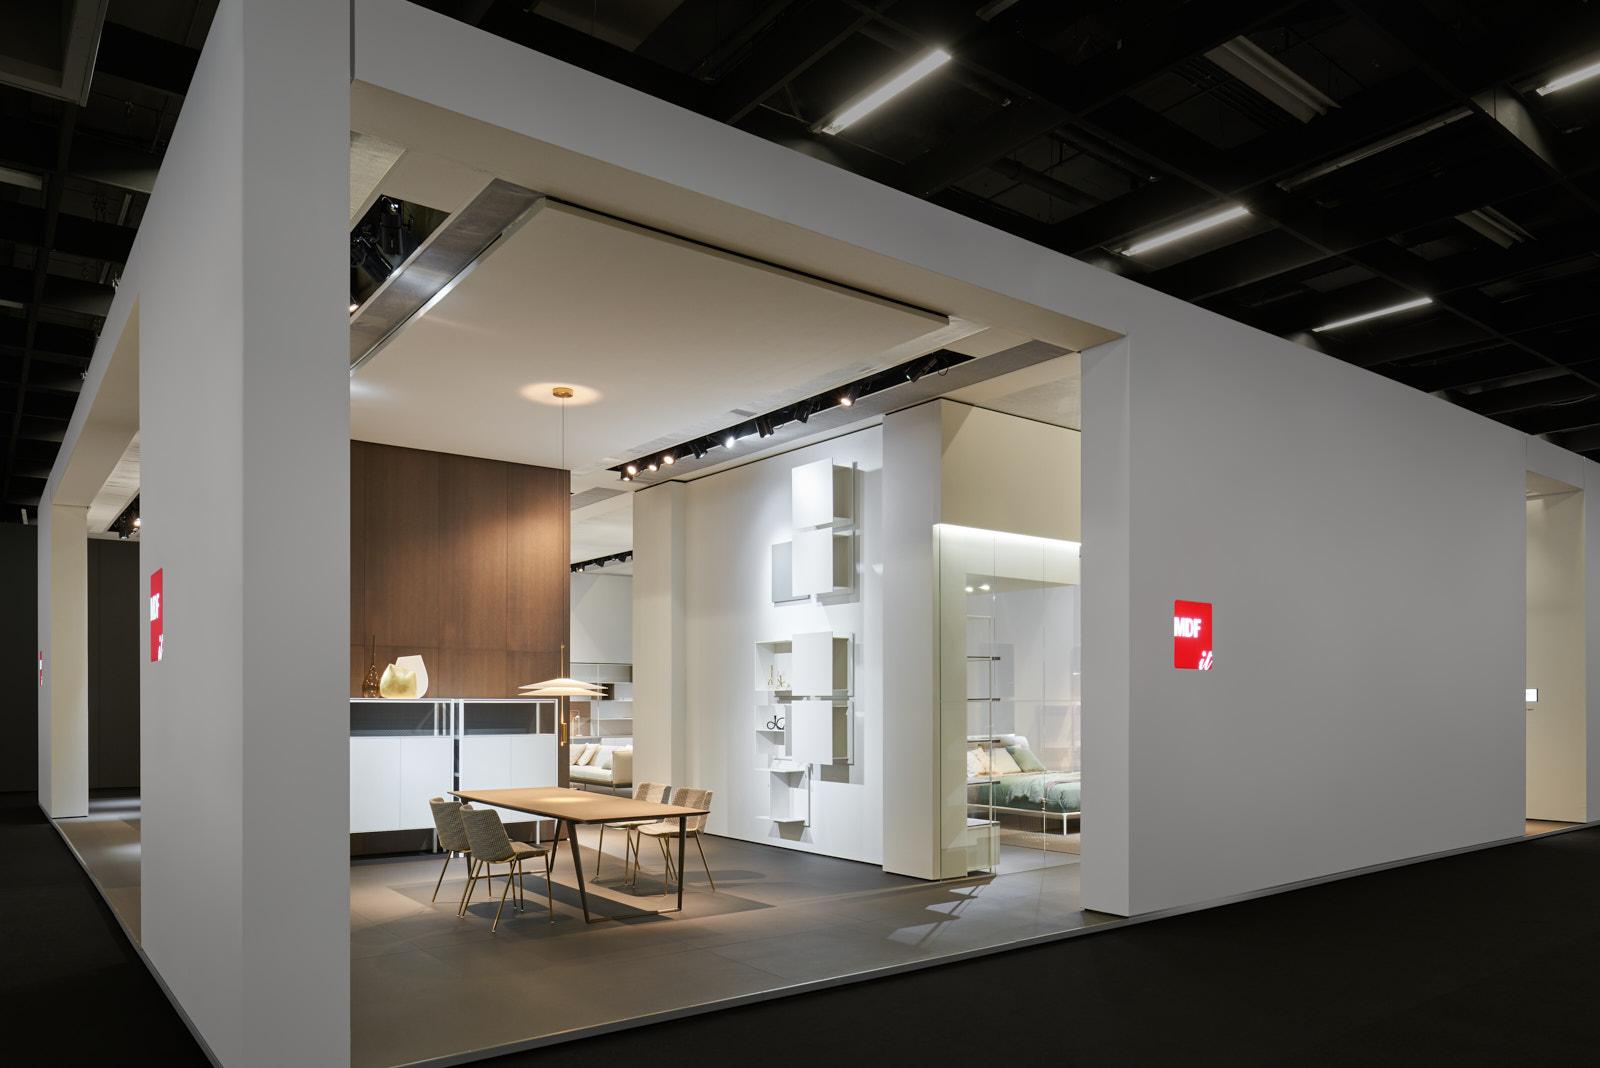 Copertina MDFitalia IMM Colonia 2018   LCBstudio